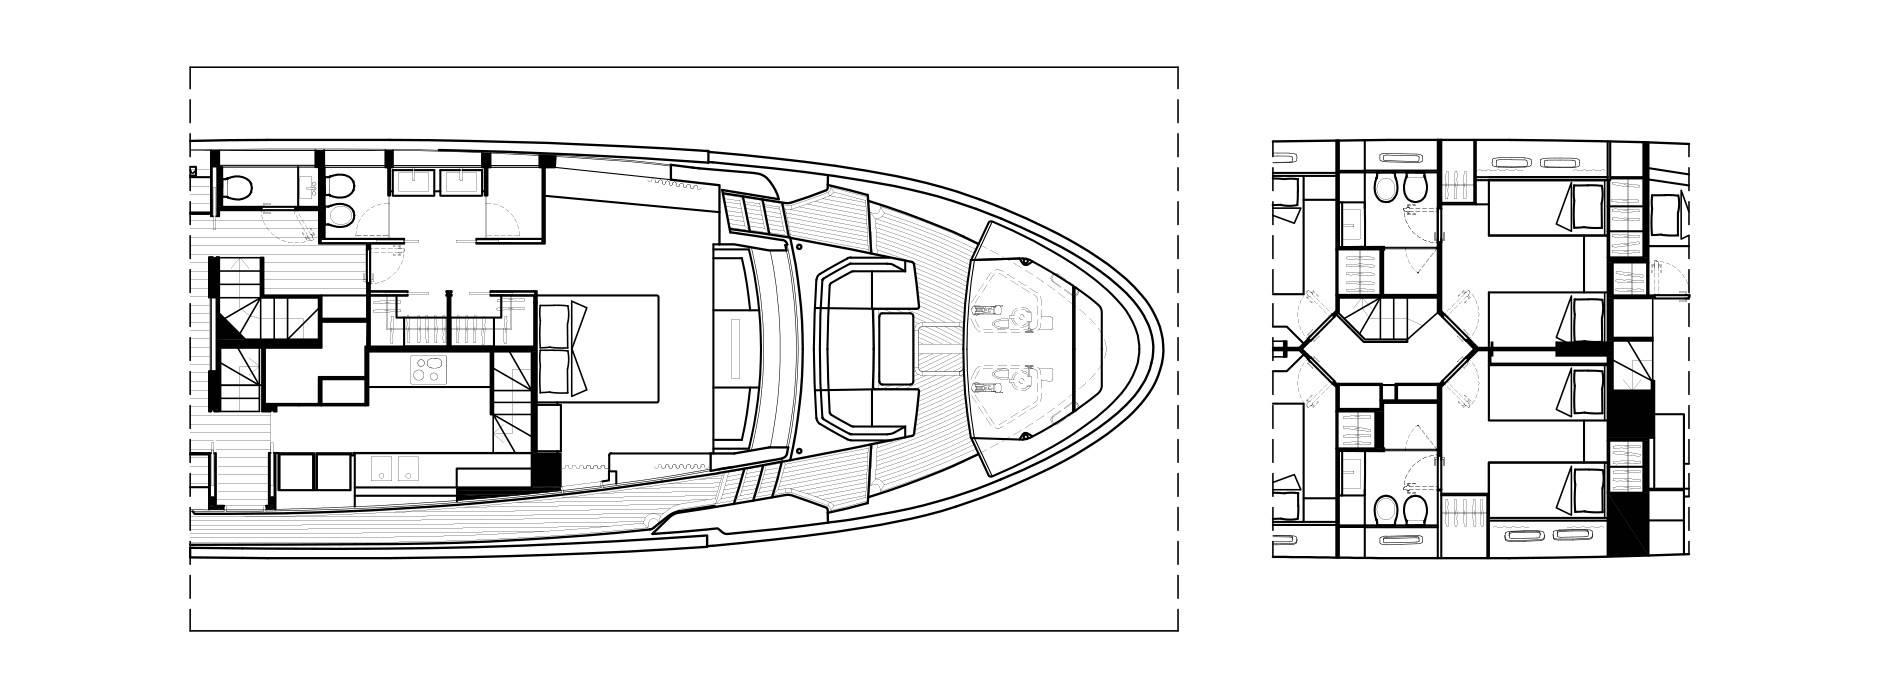 Sanlorenzo Yachts SL102 Asymmetric Detalles